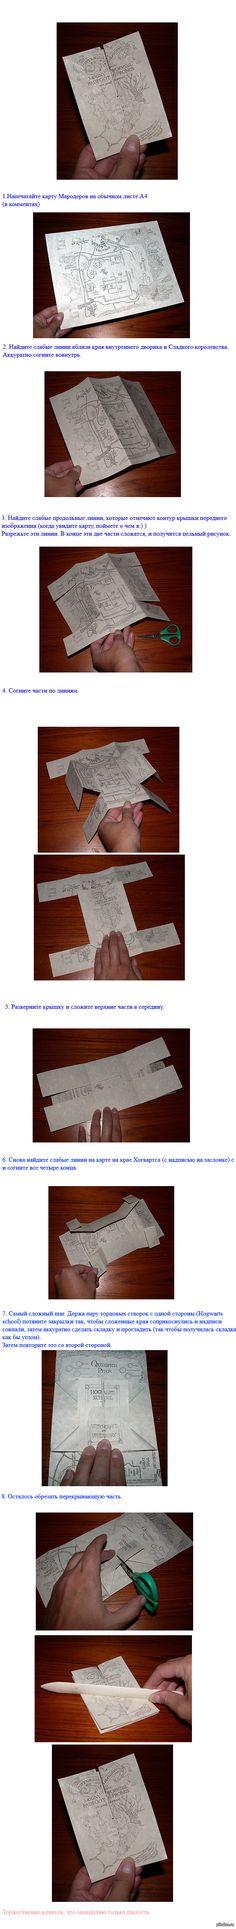 Карта Мародеров своими руками:)